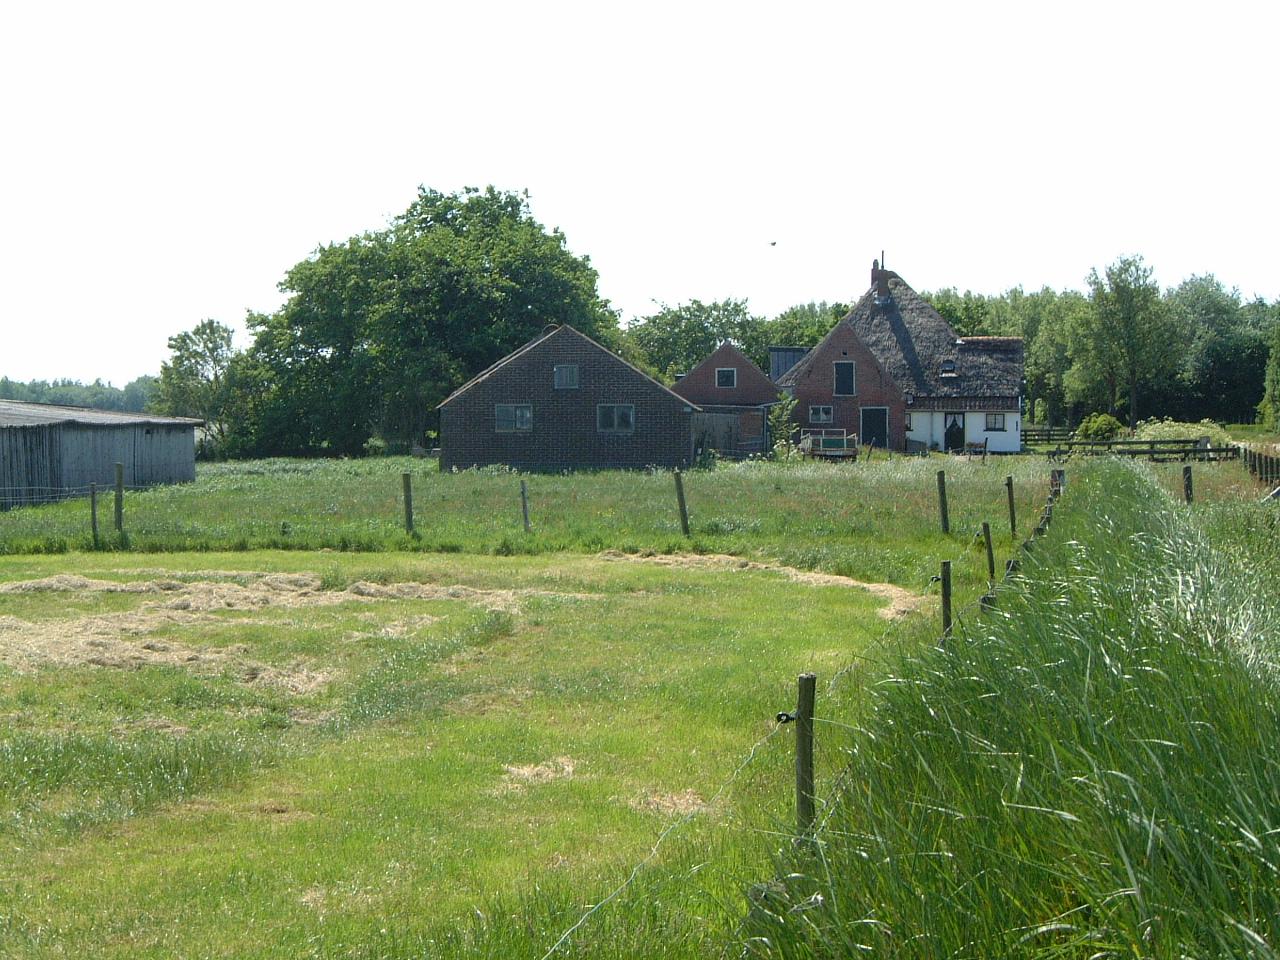 maartent field grass green fence farm house farmhouse grass mown